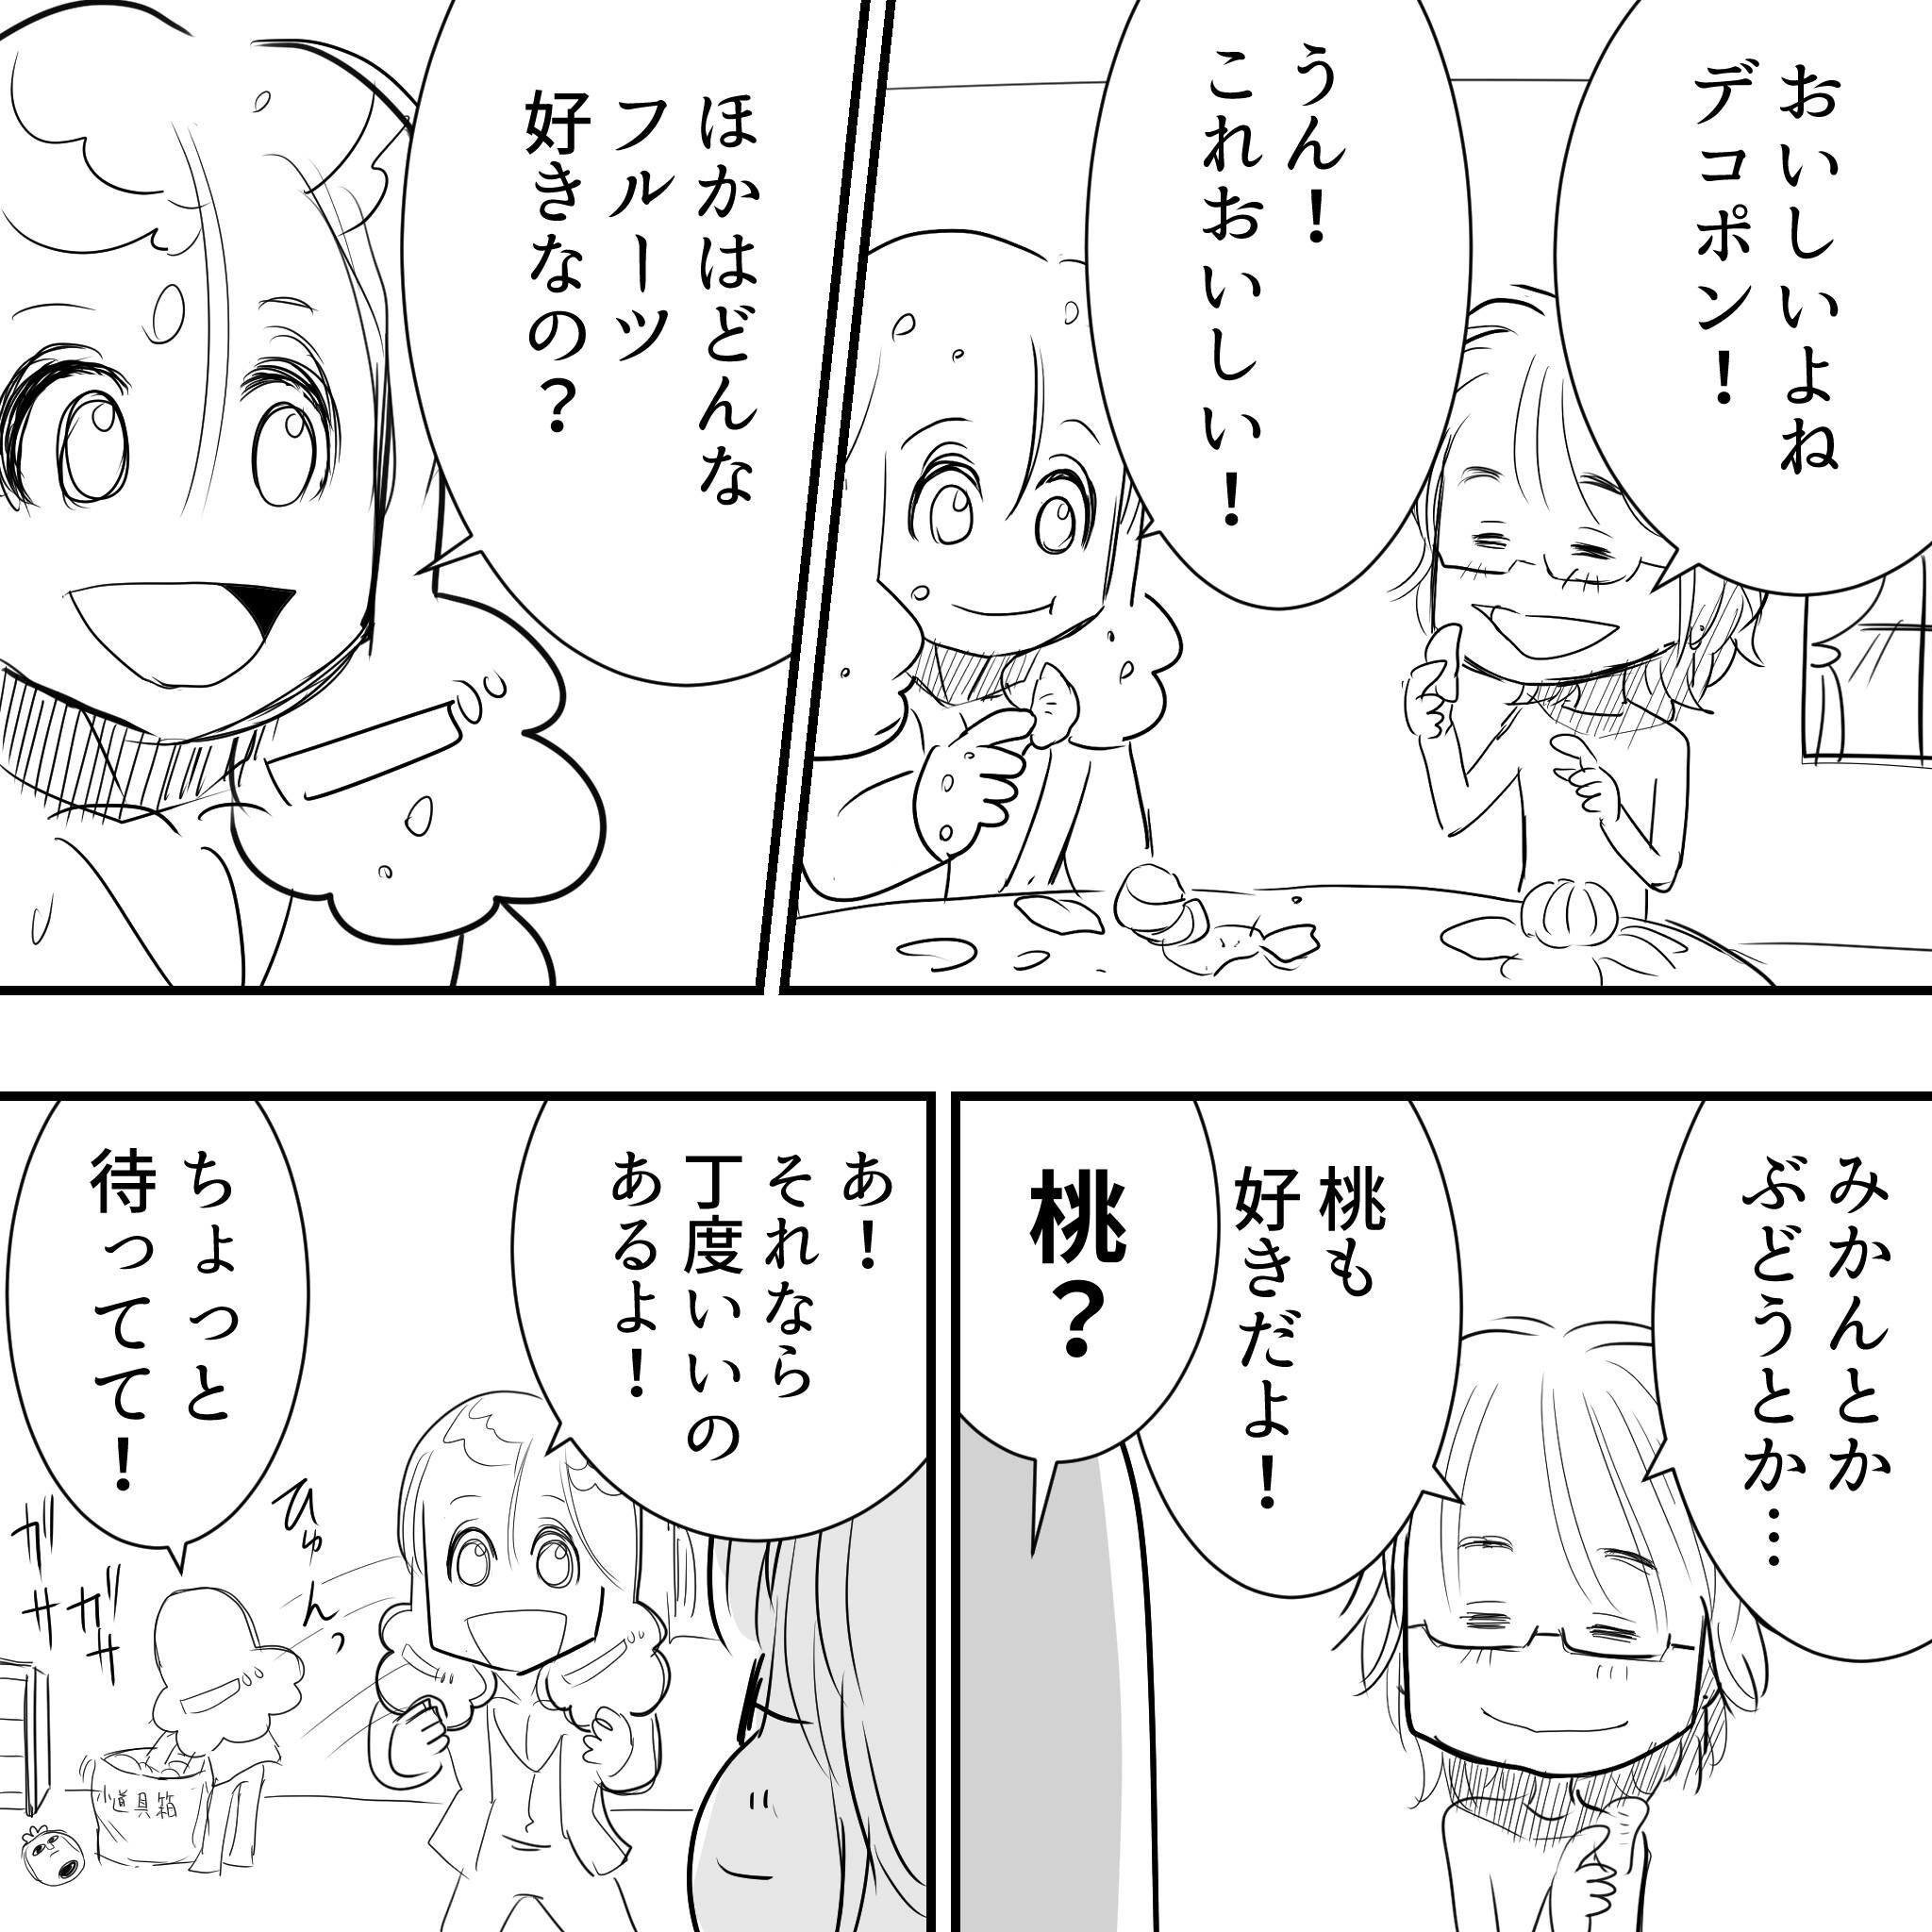 坂崎さんのすきなフルーツ2